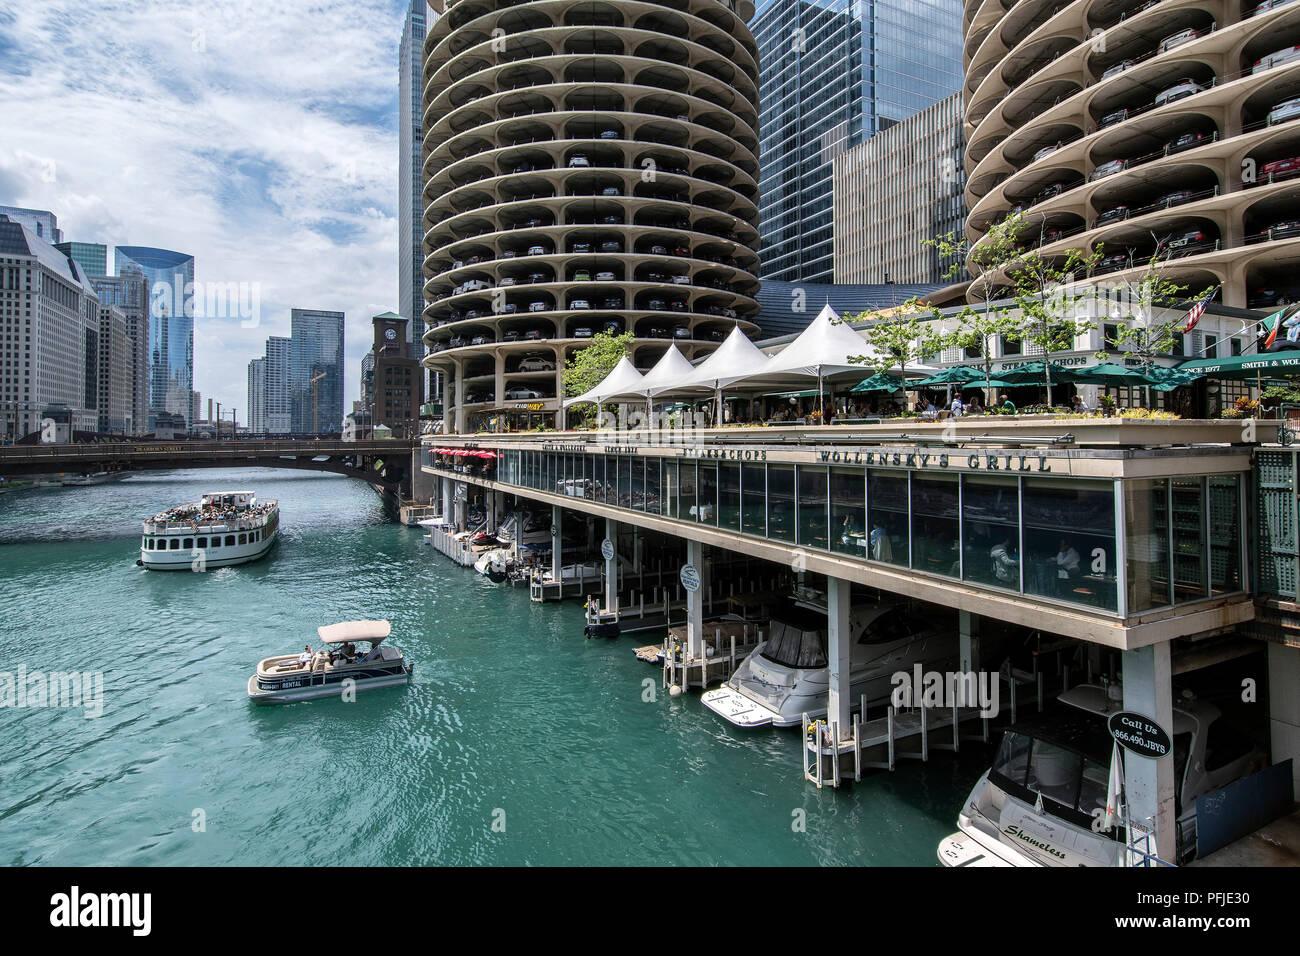 Vue sur la rivière Chicago à partir de l'Etat rue Bridge, Marina Towers, le centre-ville de Chicago. Photo Stock